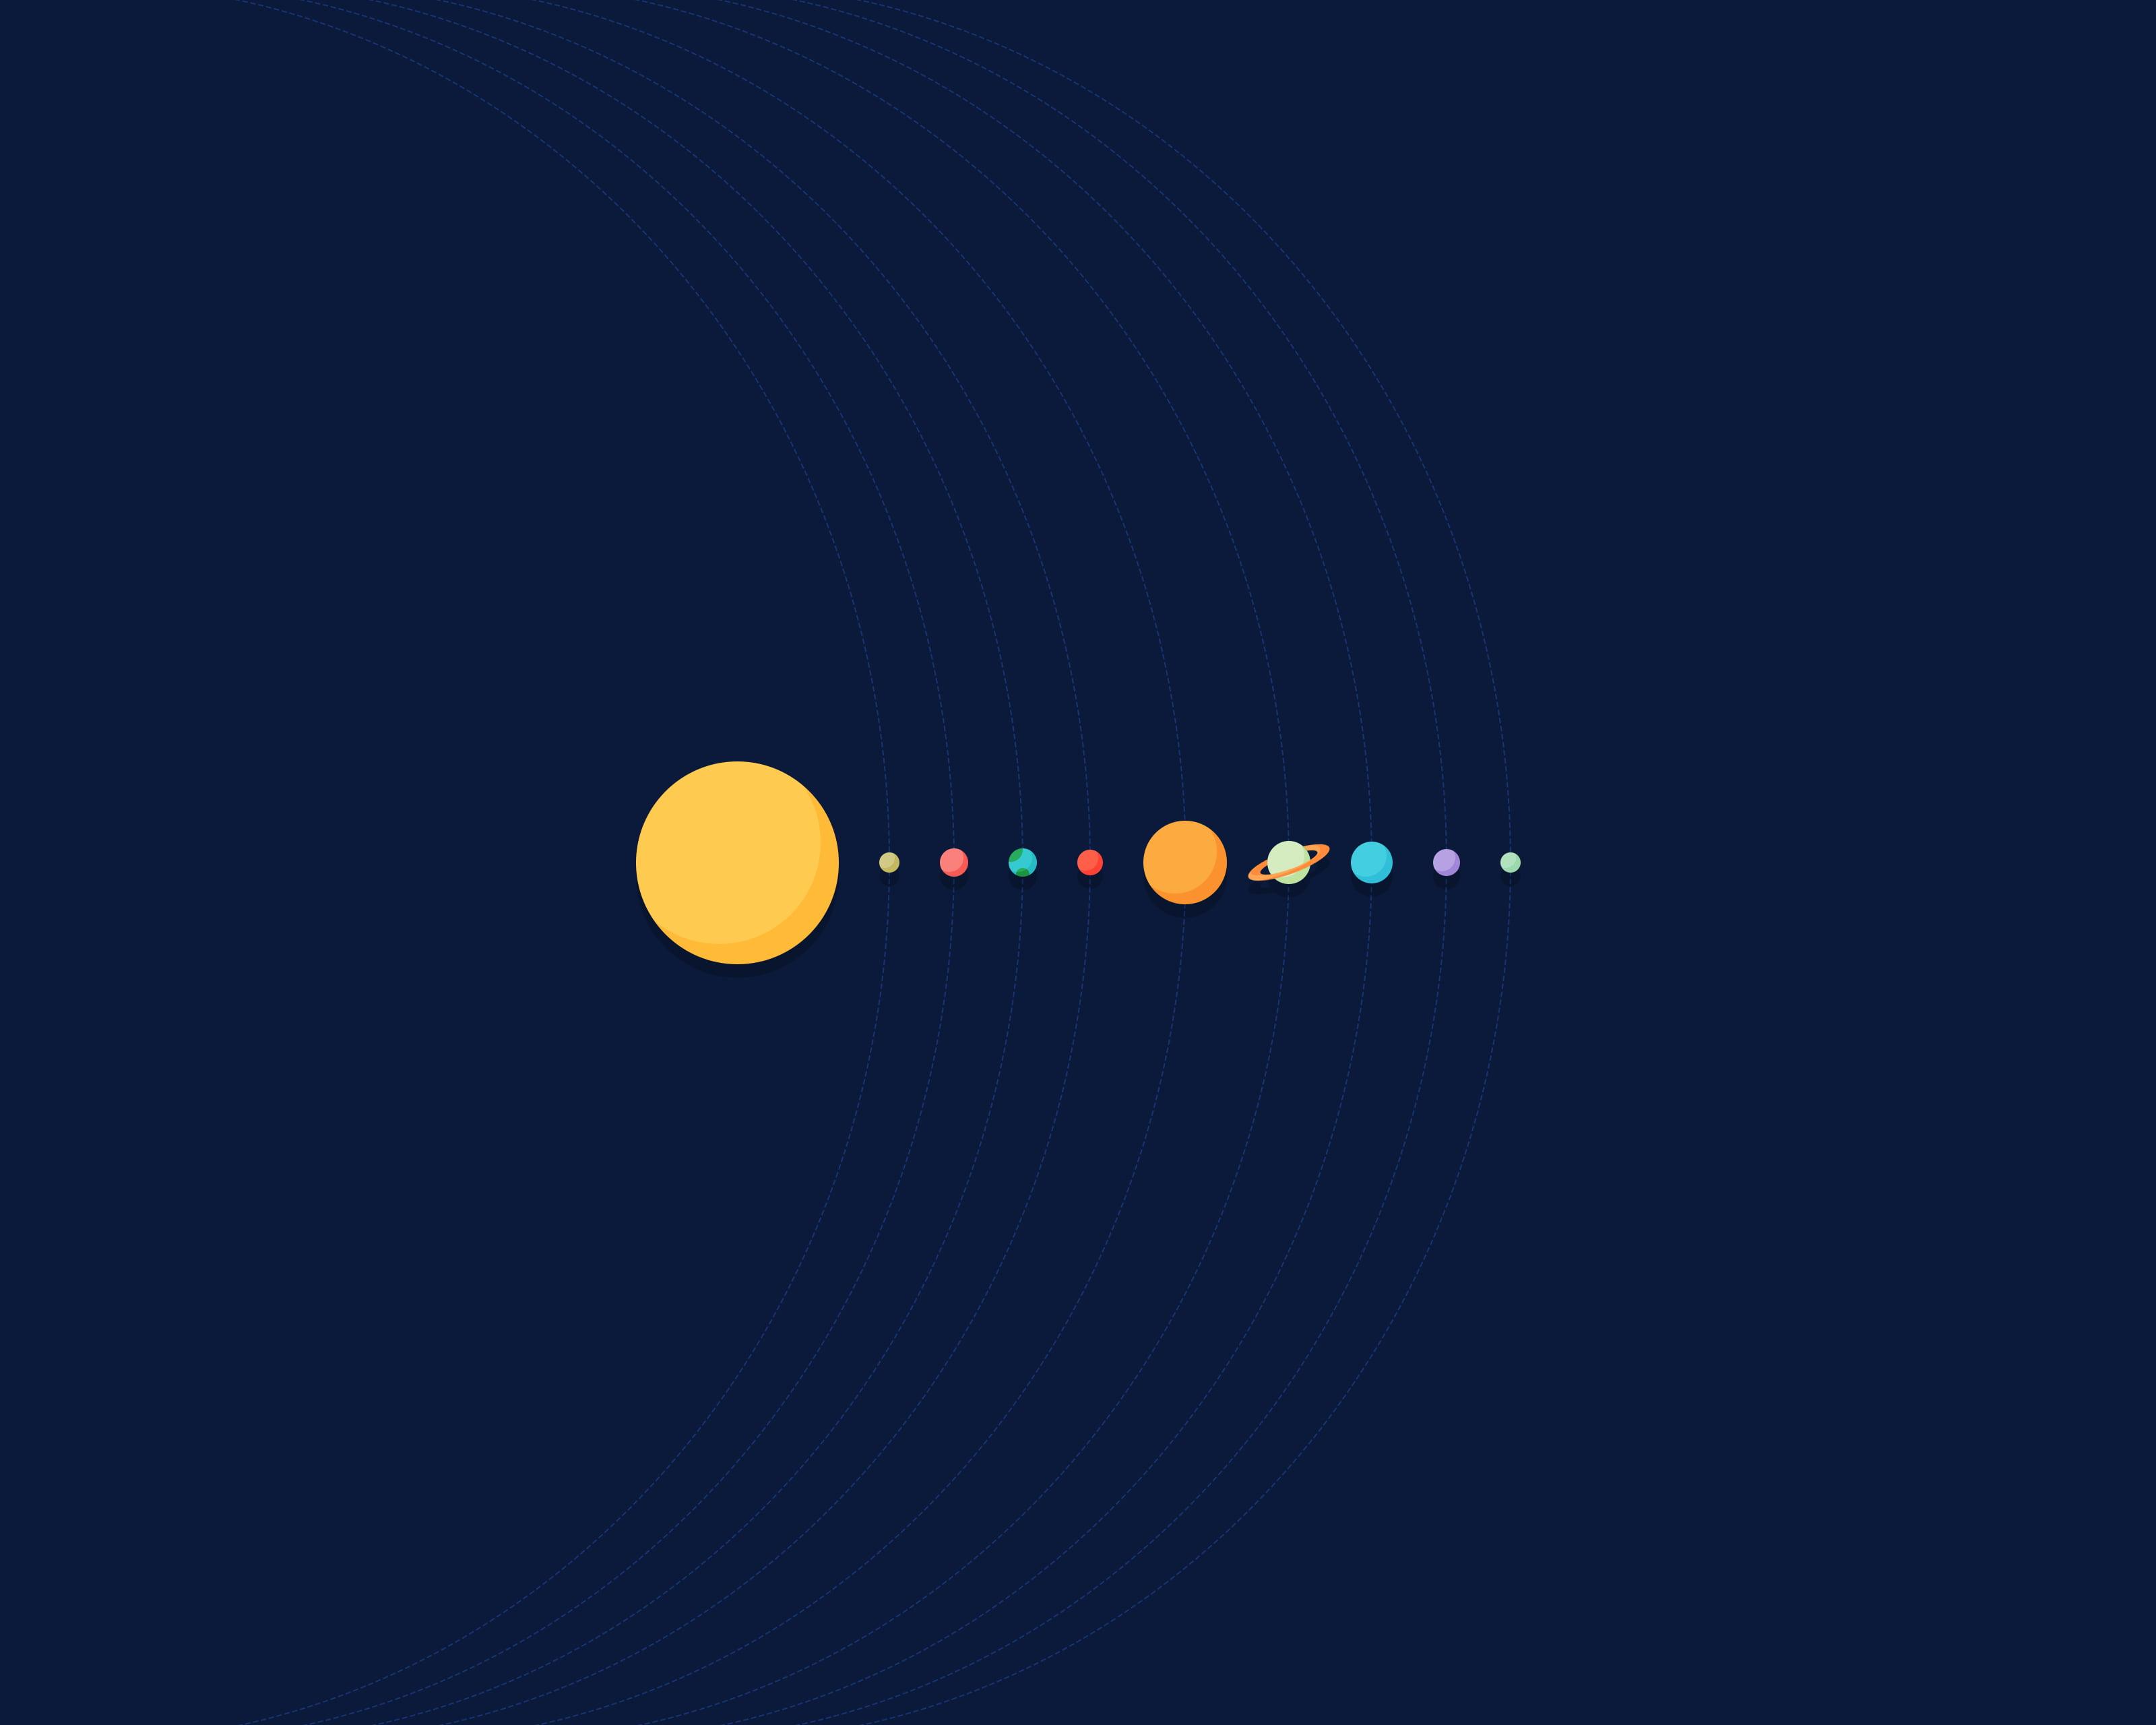 Cute Penguin Wallpaper Hd Alignment Of Solar System Illustration Hd Wallpaper